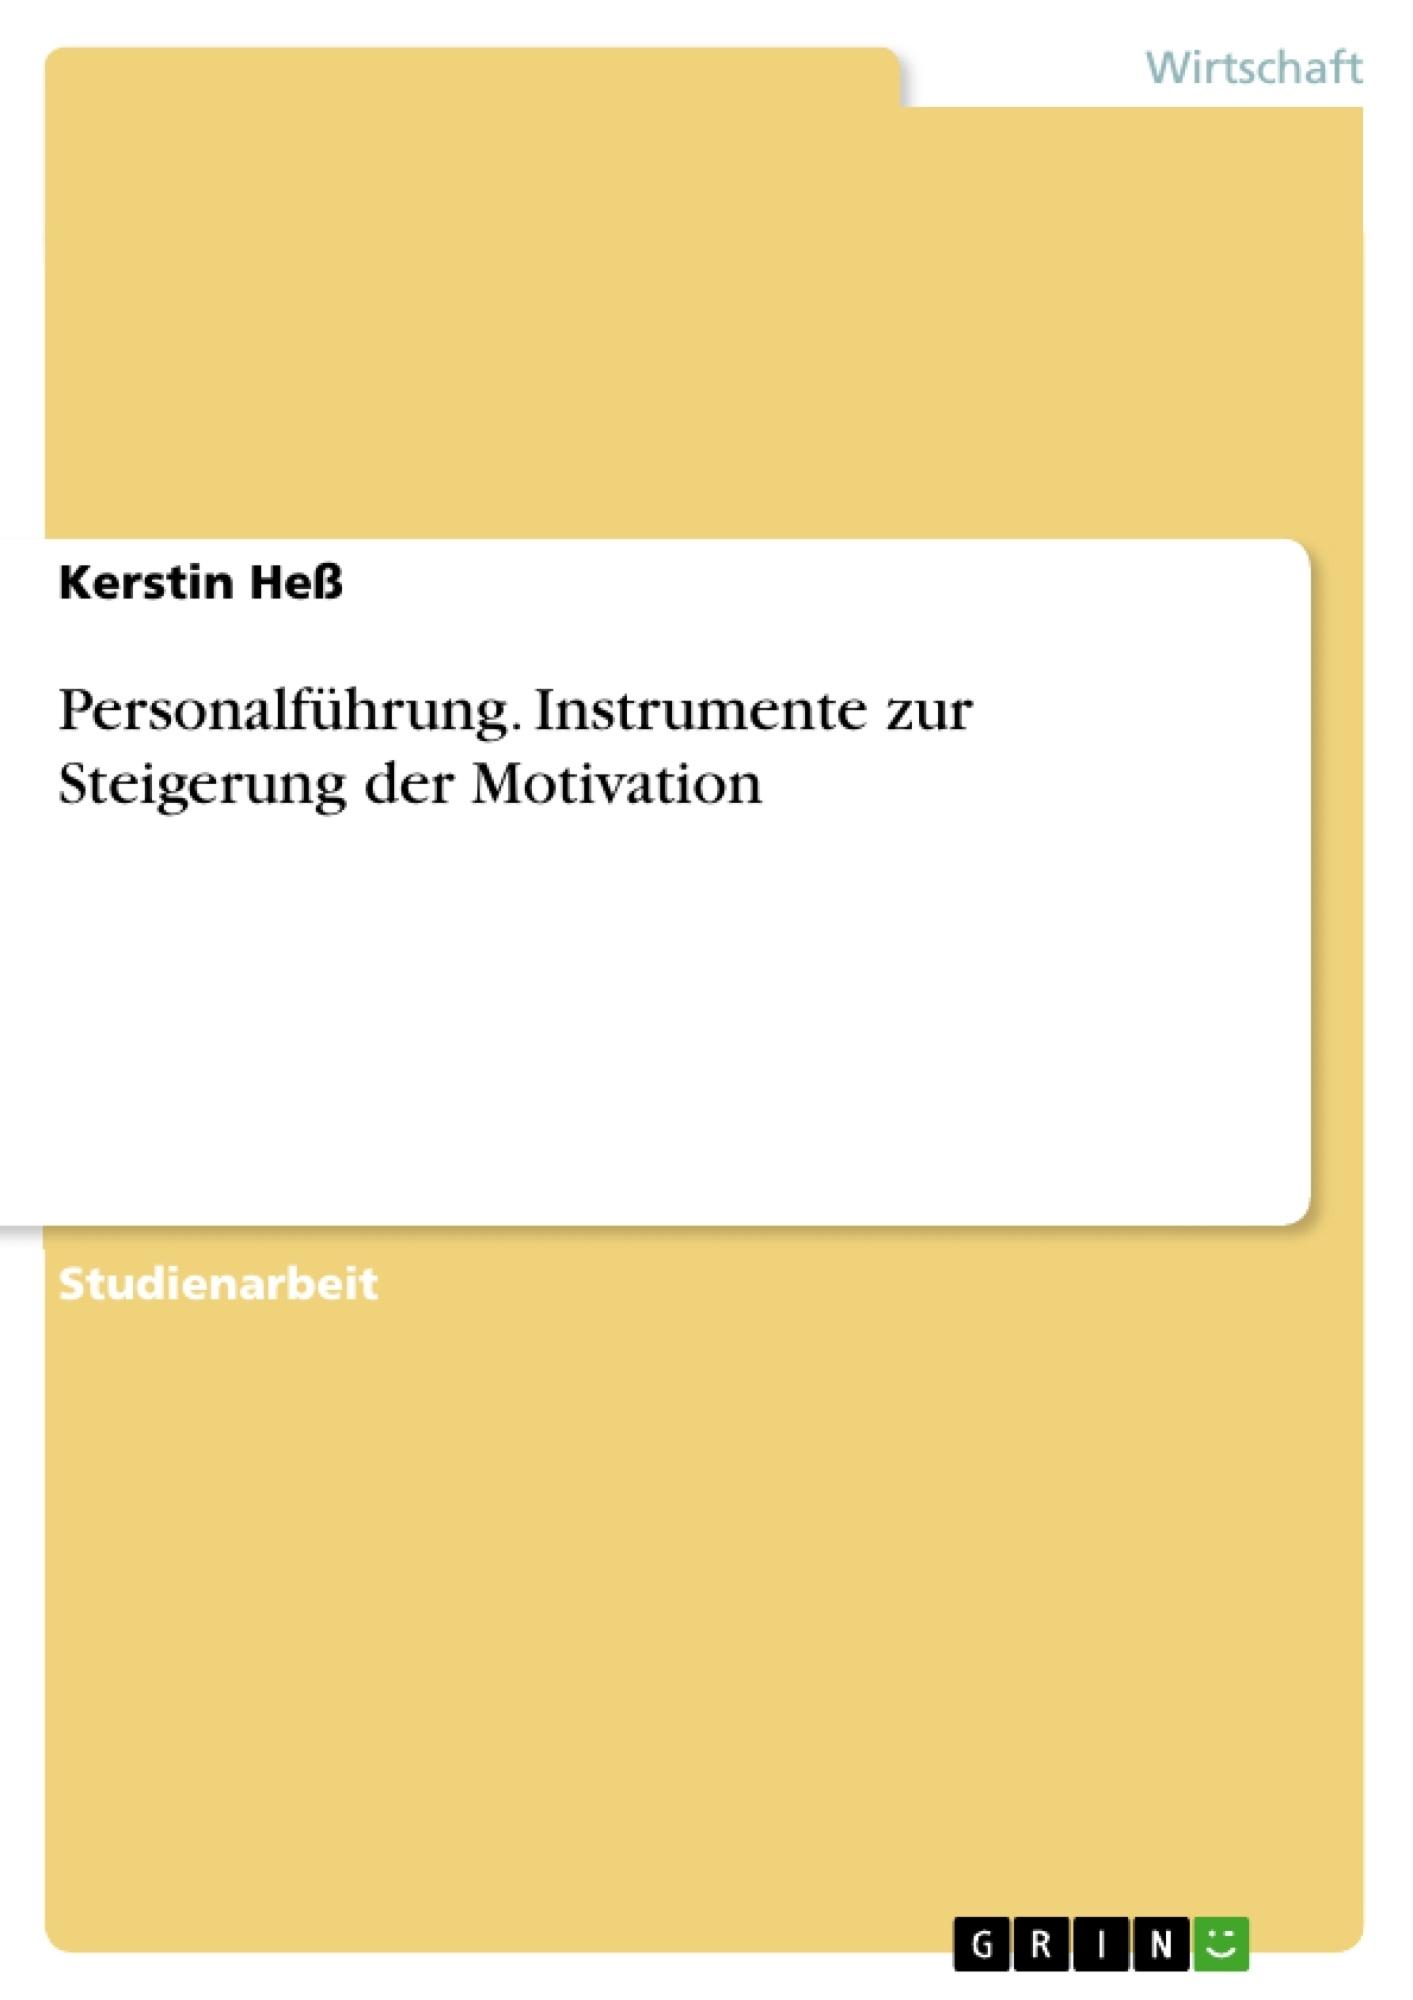 Titel: Personalführung. Instrumente zur Steigerung der Motivation